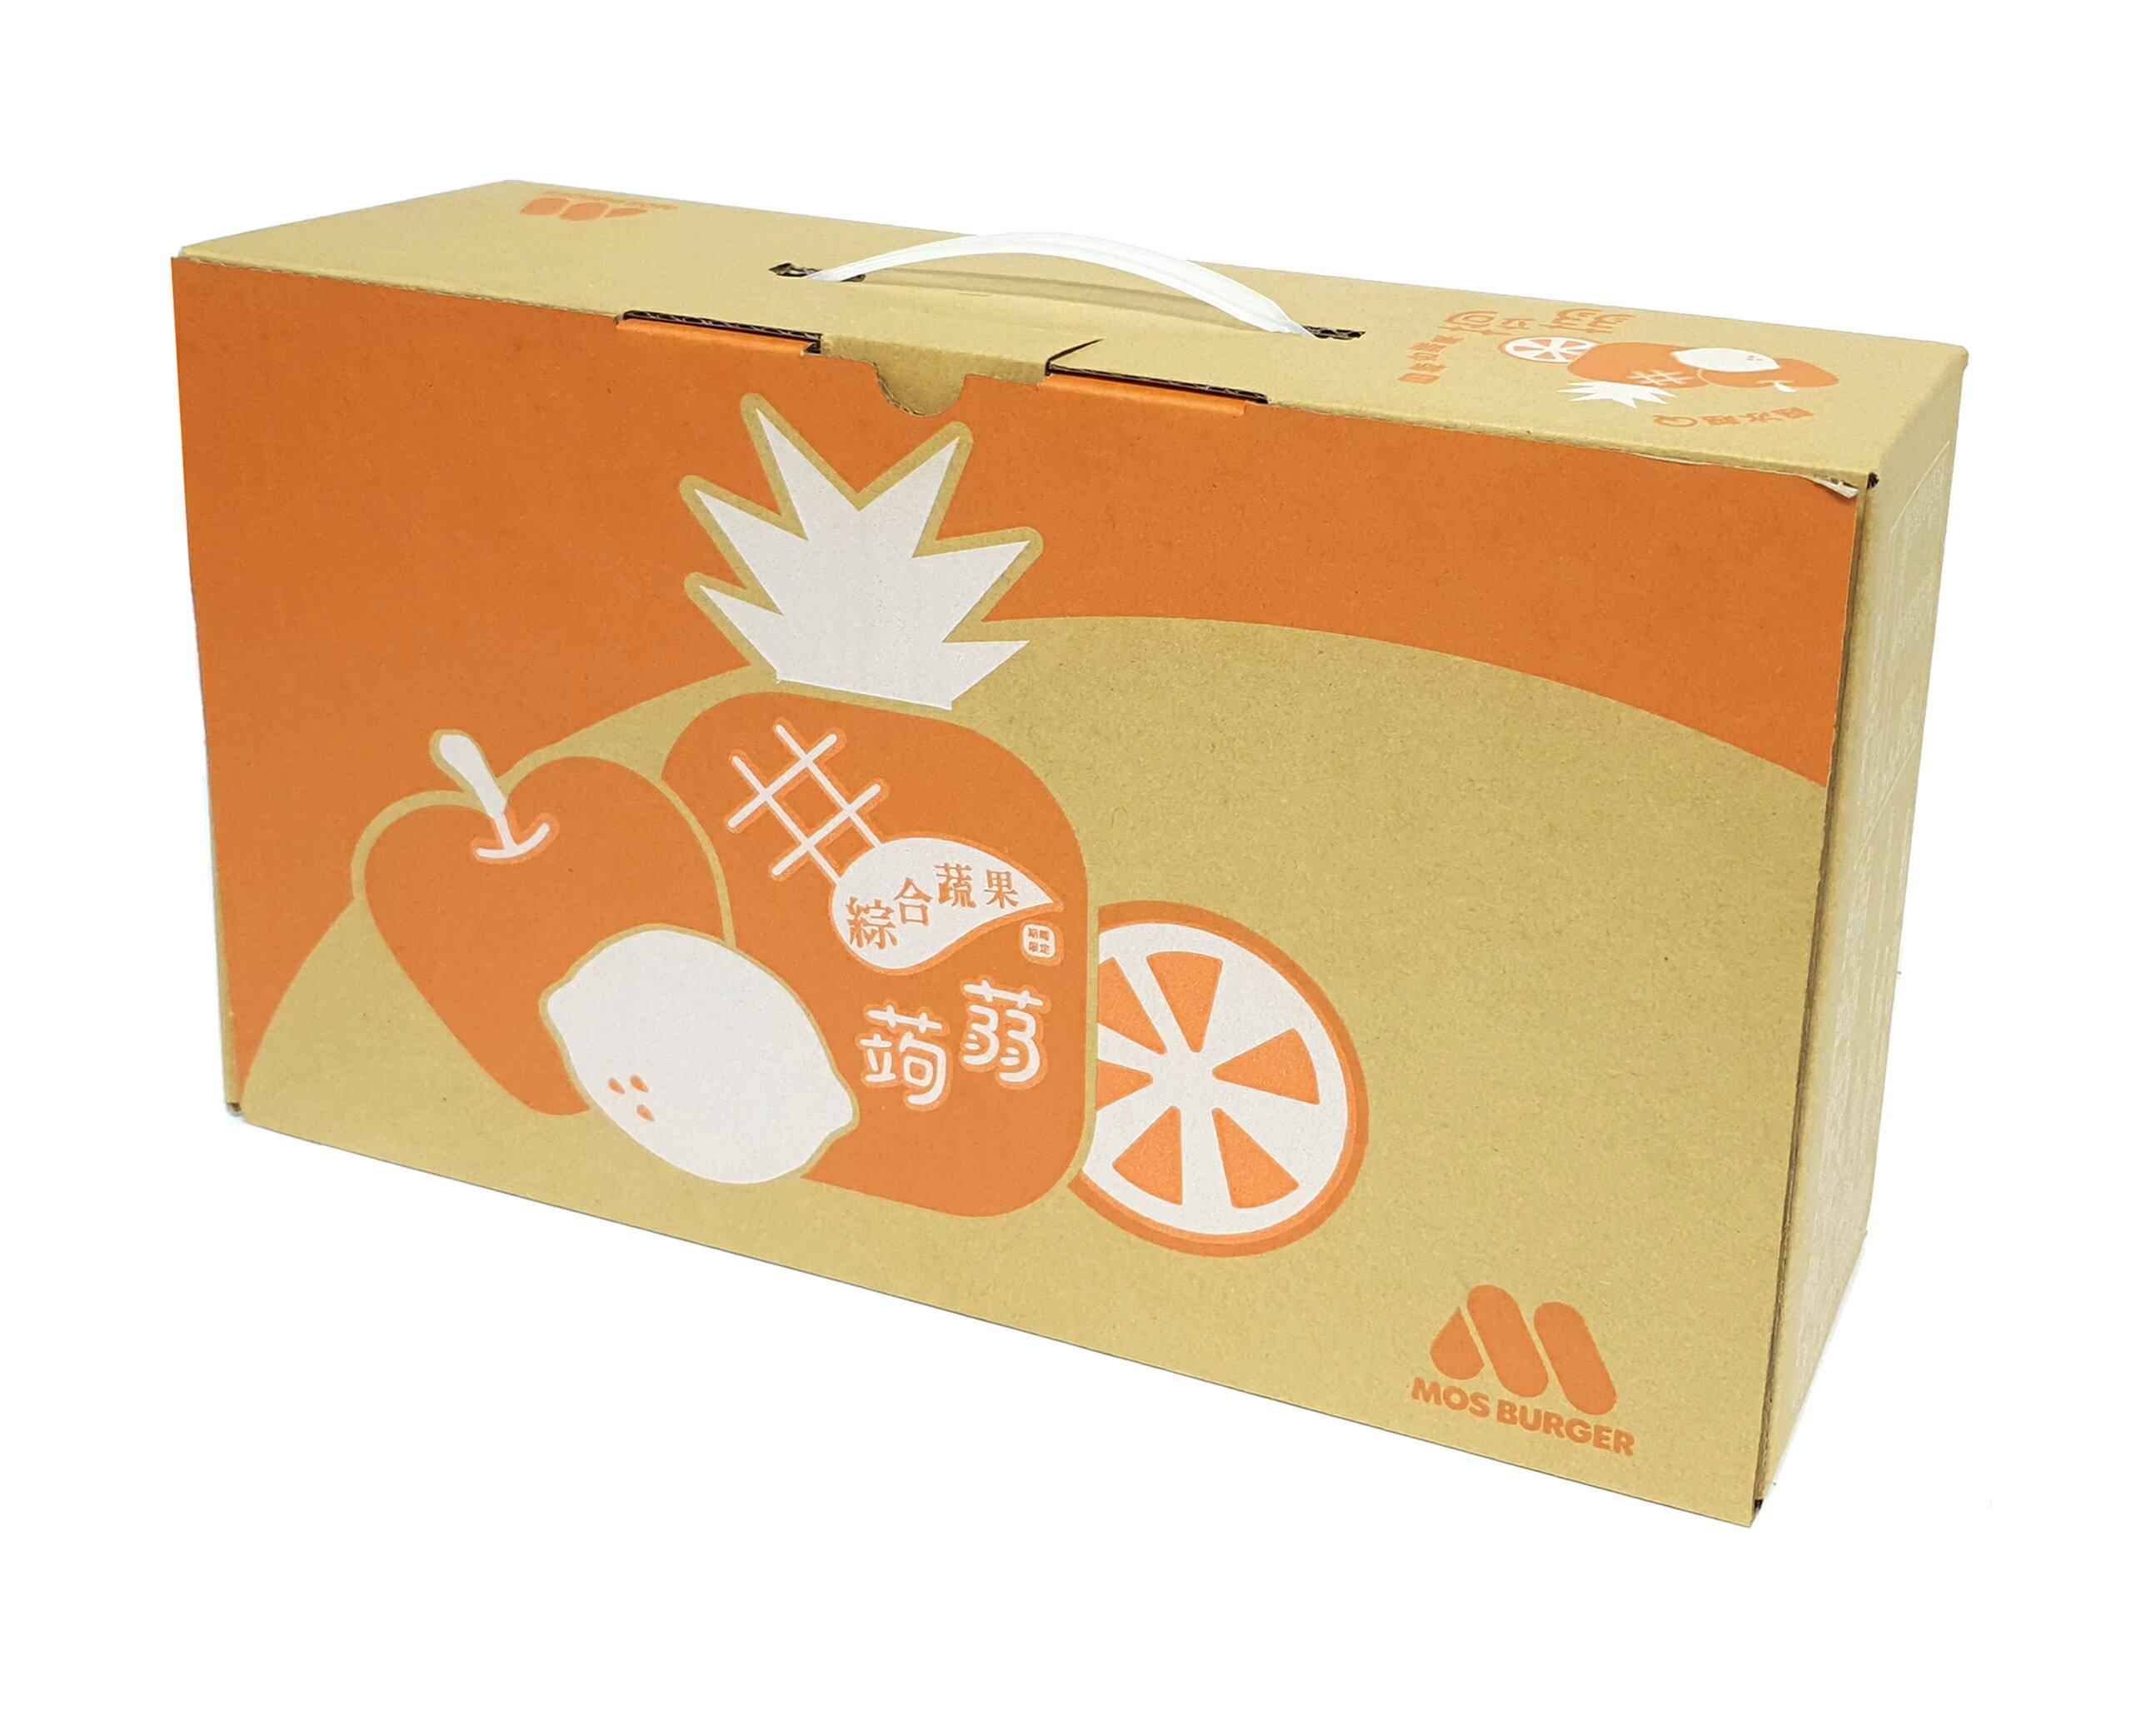 任選2箱$600↘MOS摩斯漢堡 蒟蒻【共15杯/1箱】綜合蔬果